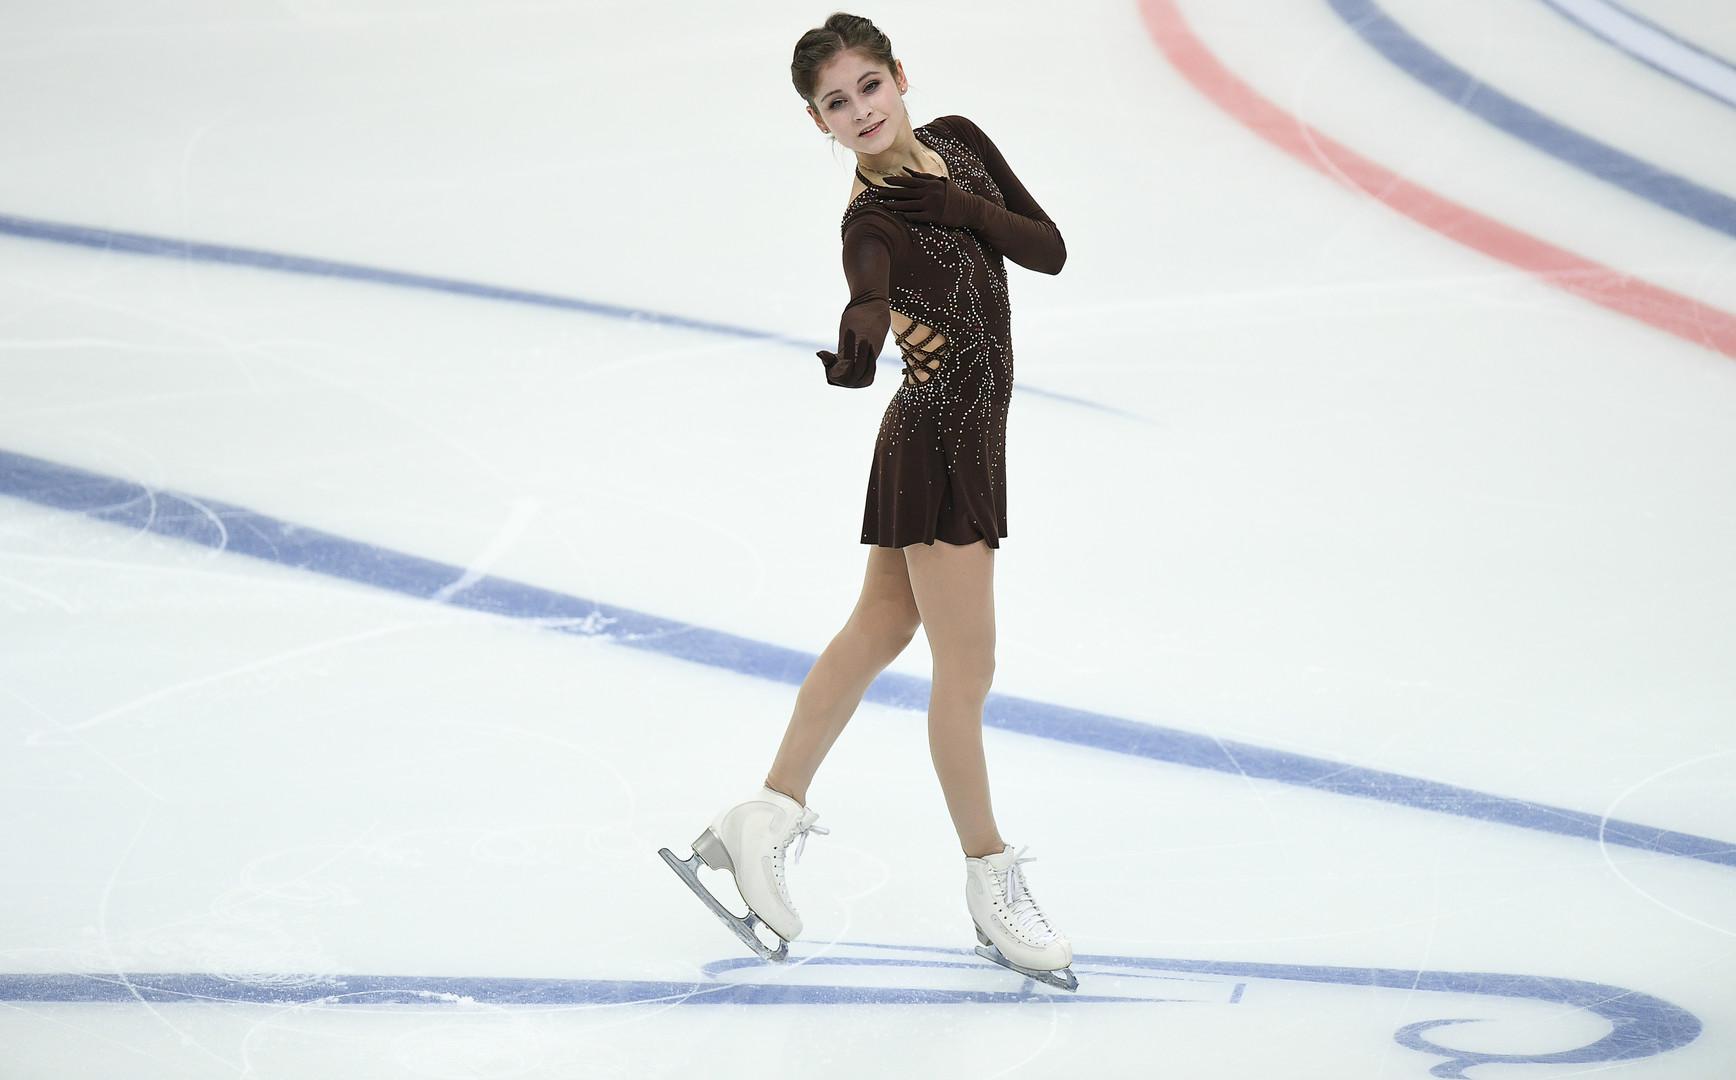 Лучший прокат за два года: Липницкая не допустила ошибок, но осталась только третьей